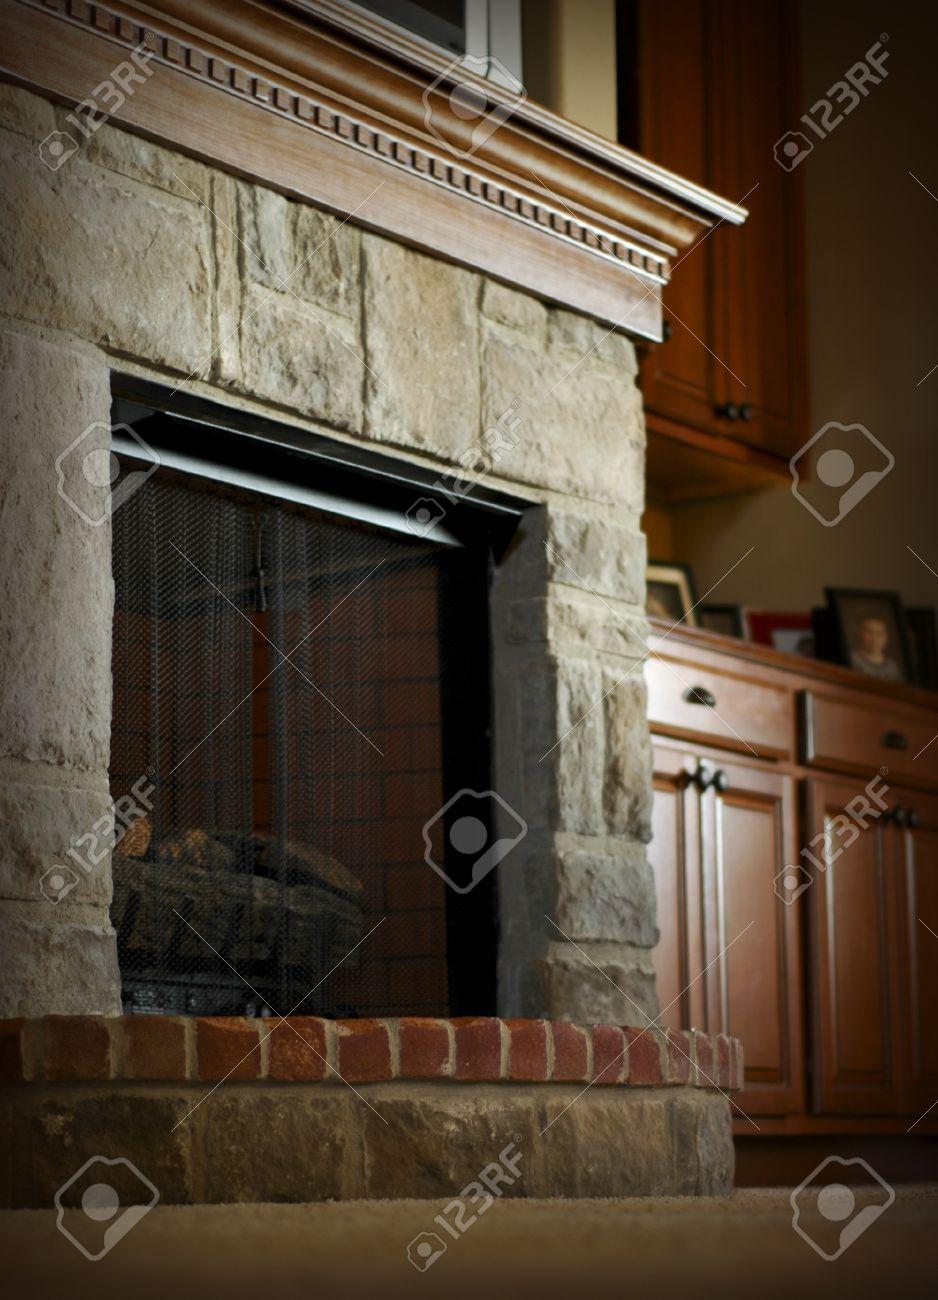 piedra y ladrillo chimenea con repisa de madera foto de archivo